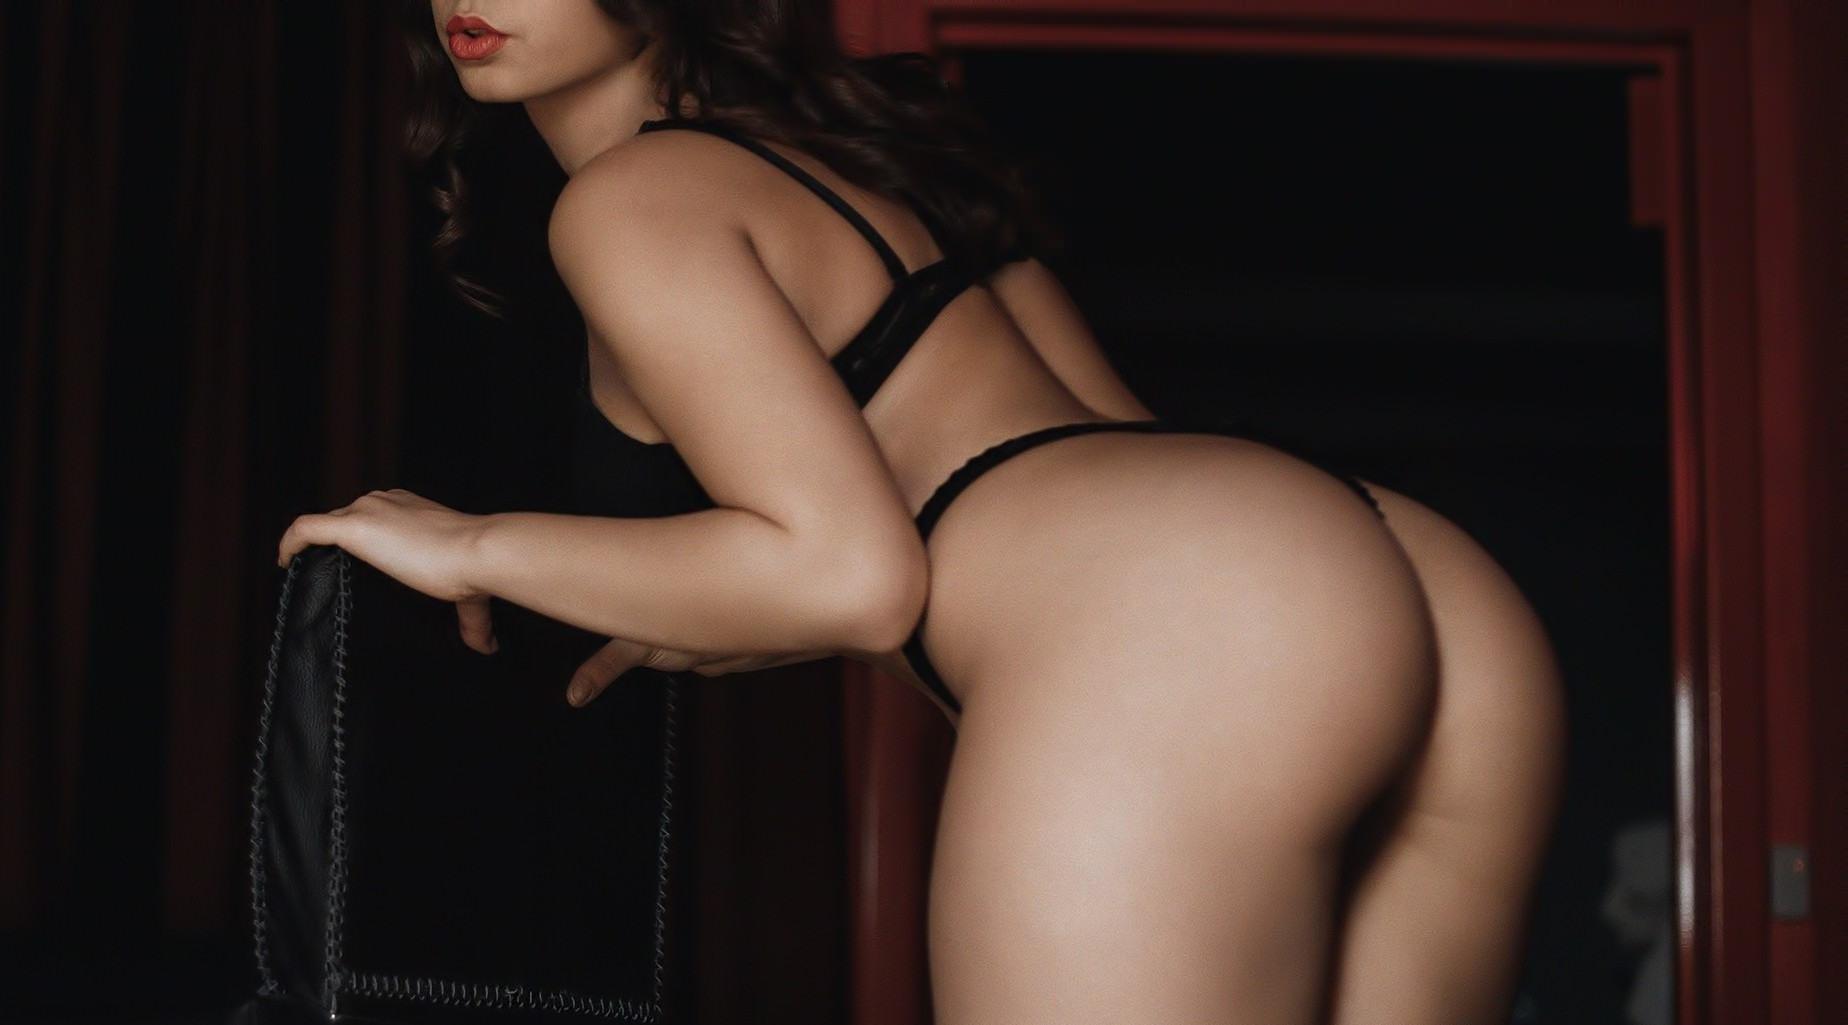 Фото Девушка в стрингах наклонилась над спинкой стула и выпучила губки, большая сочная задница, скачать картинку бесплатно